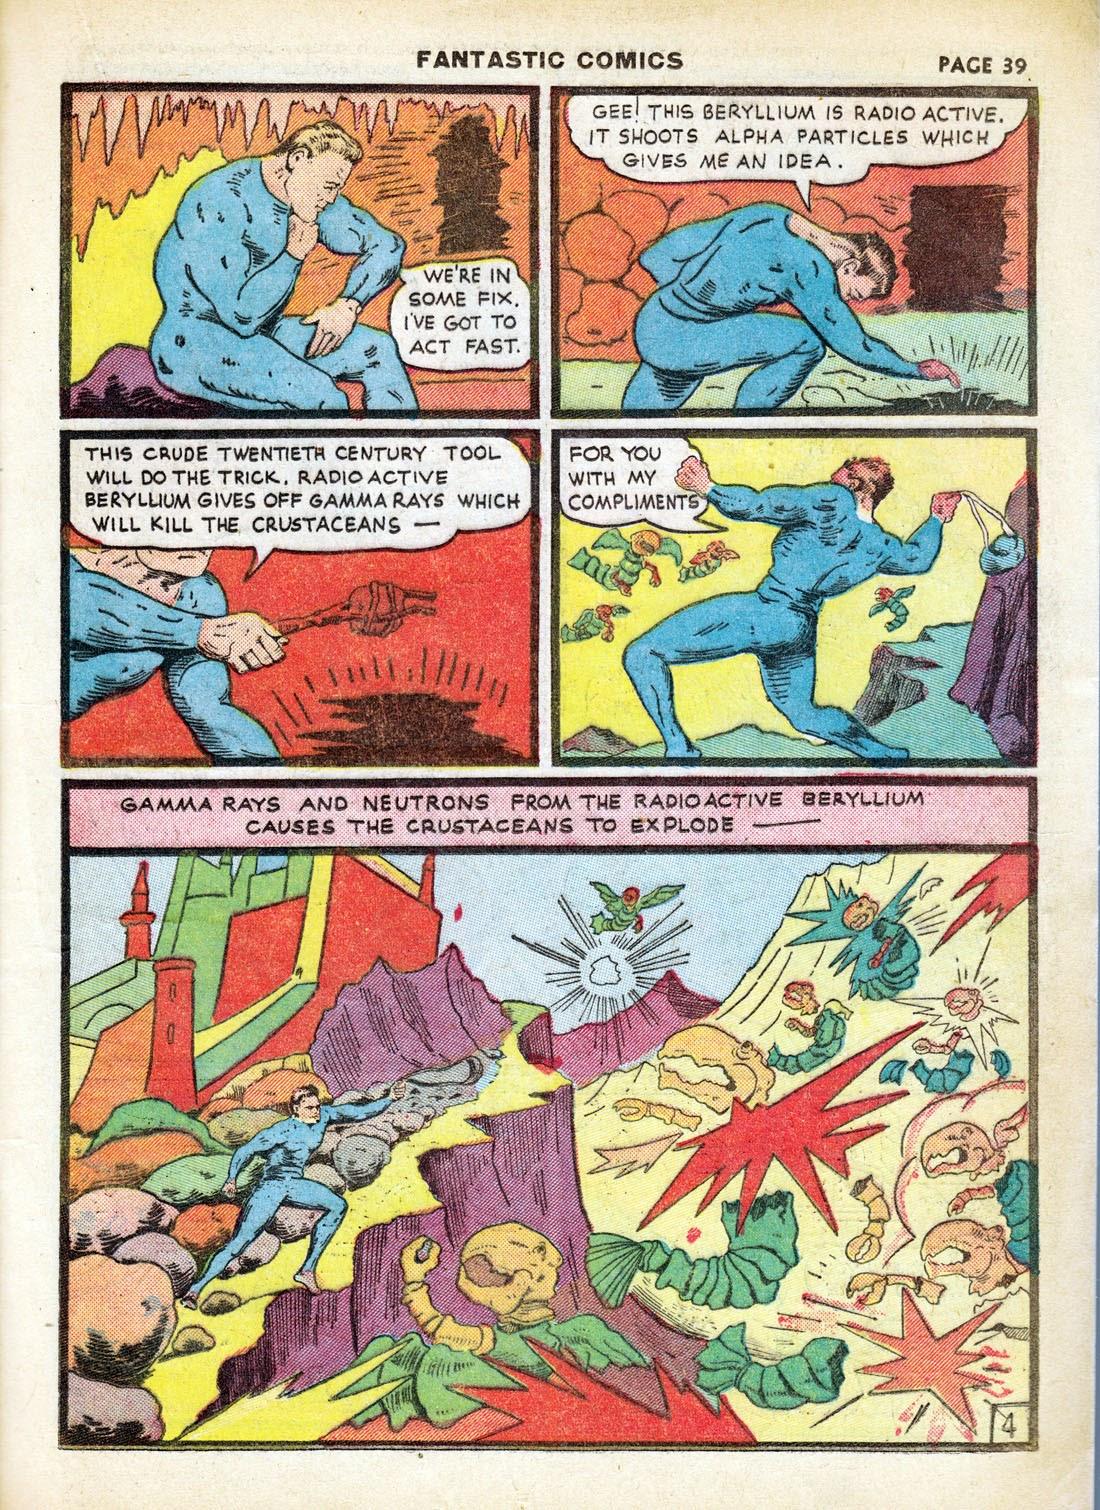 Read online Fantastic Comics comic -  Issue #7 - 41